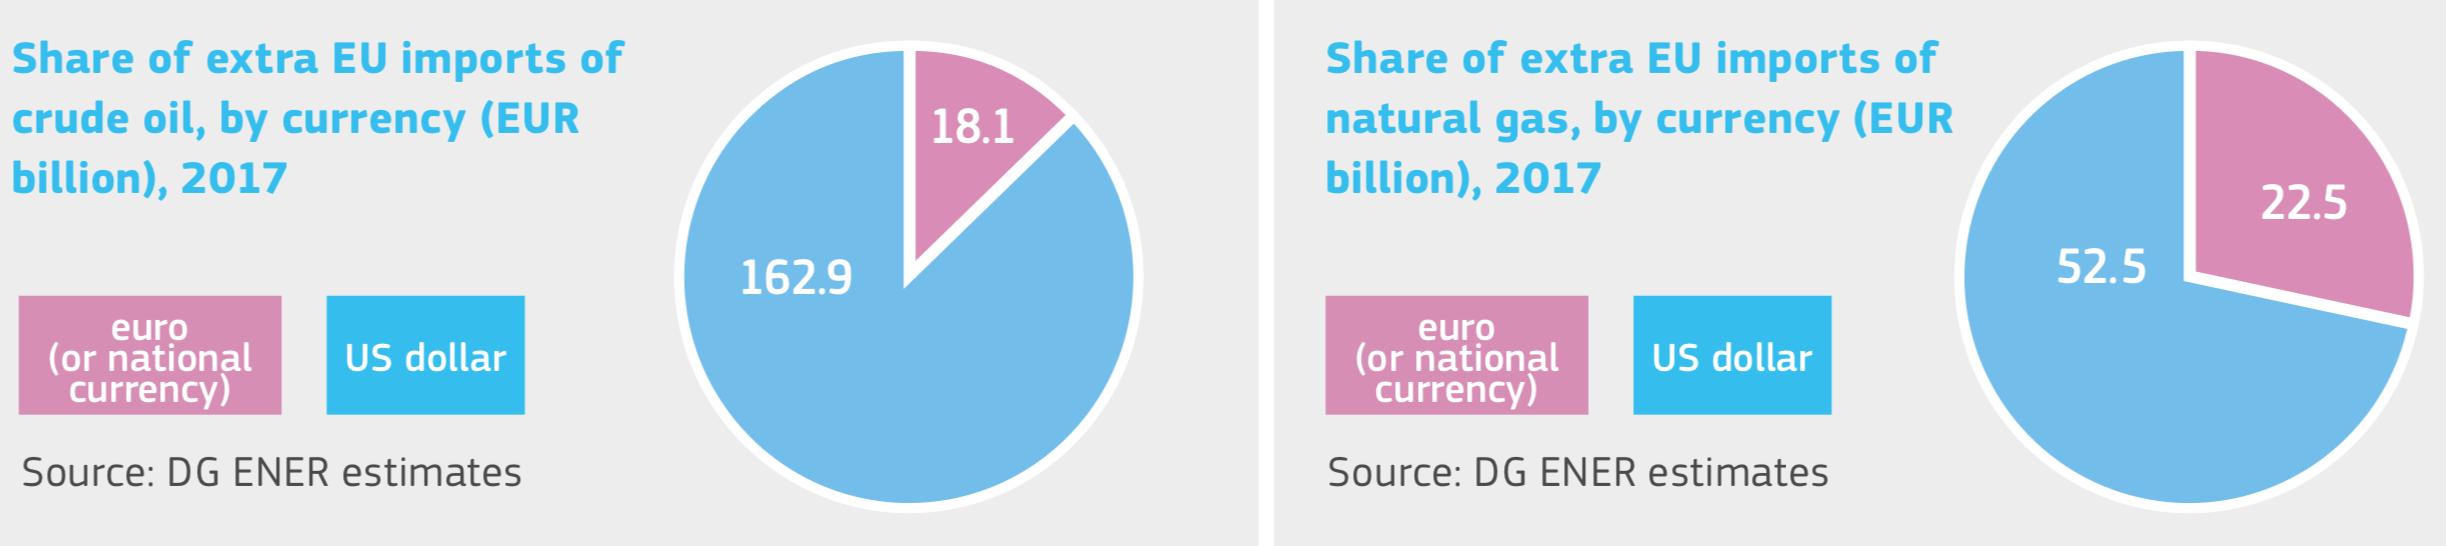 Доля евро в закупках нефти и газа